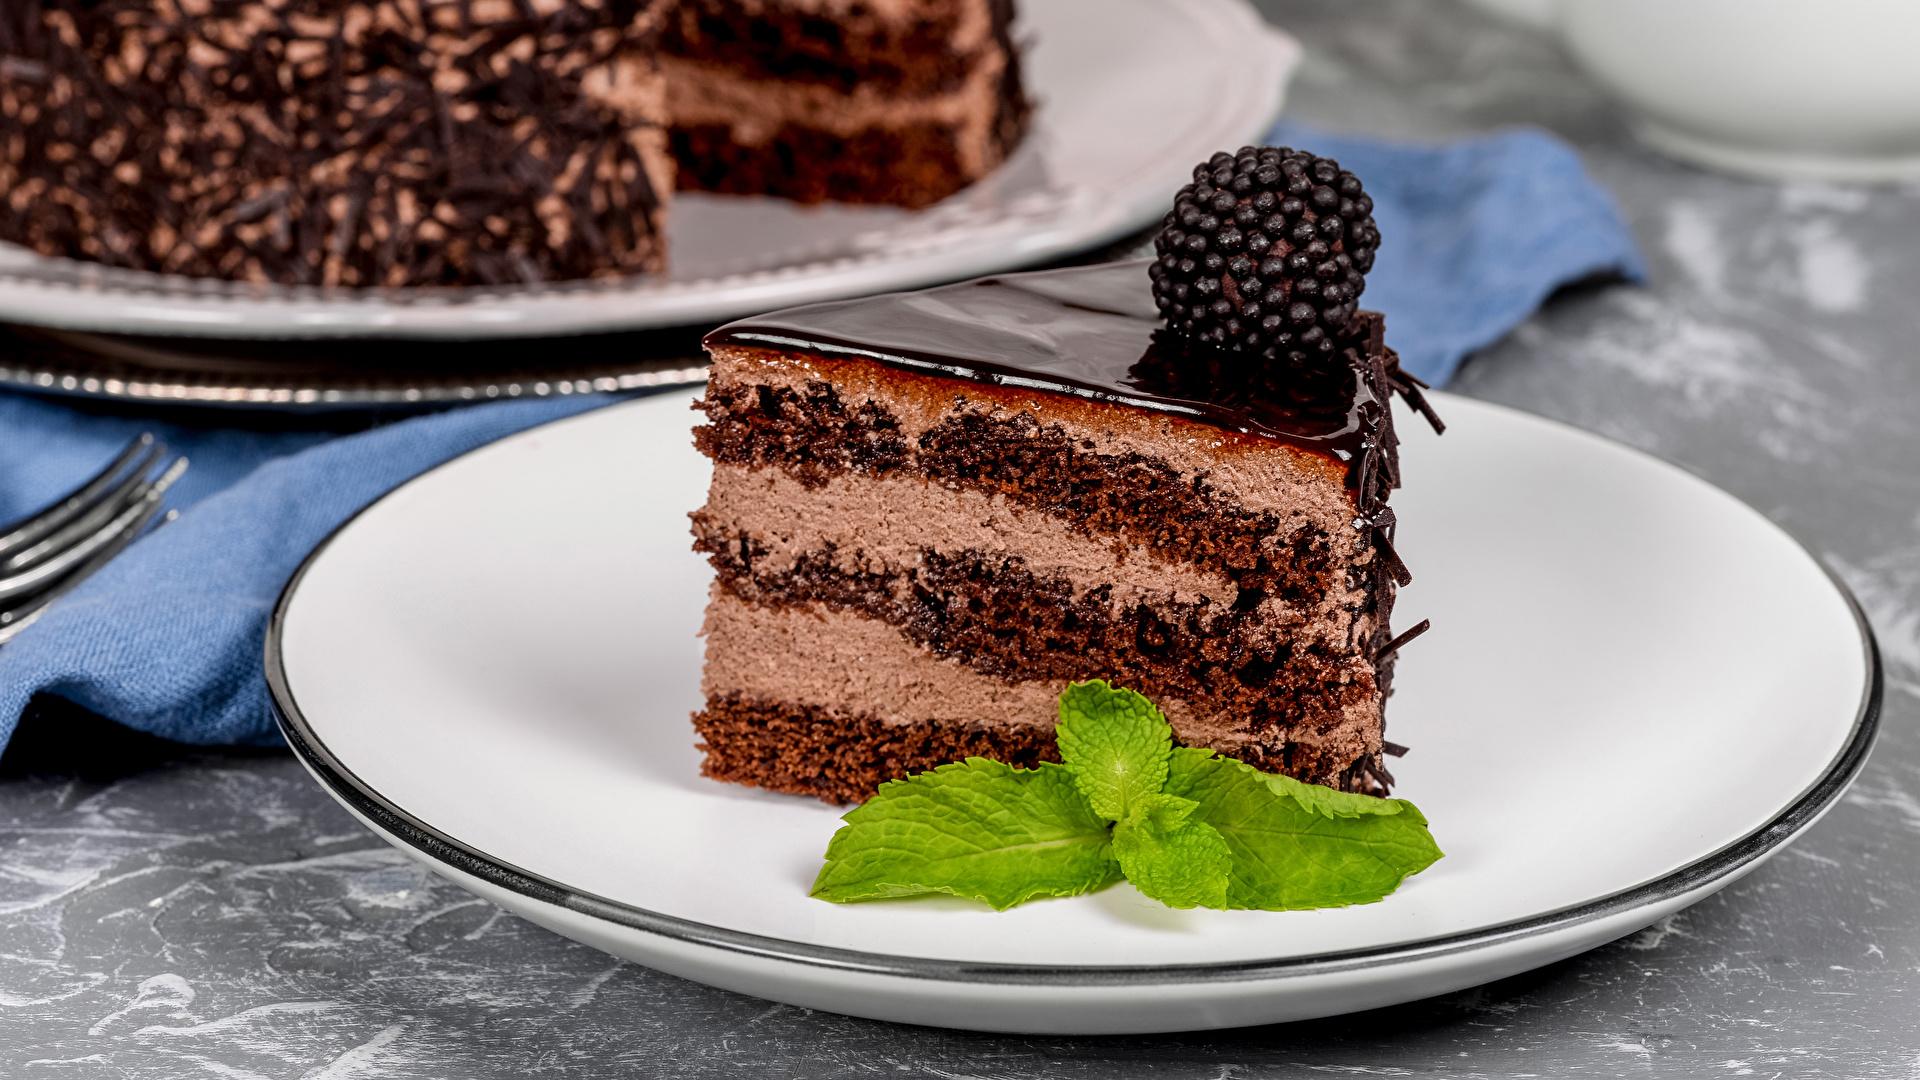 Фото Шоколад Торты часть Ежевика Еда Тарелка Пирожное 1920x1080 Кусок кусочки кусочек Пища тарелке Продукты питания